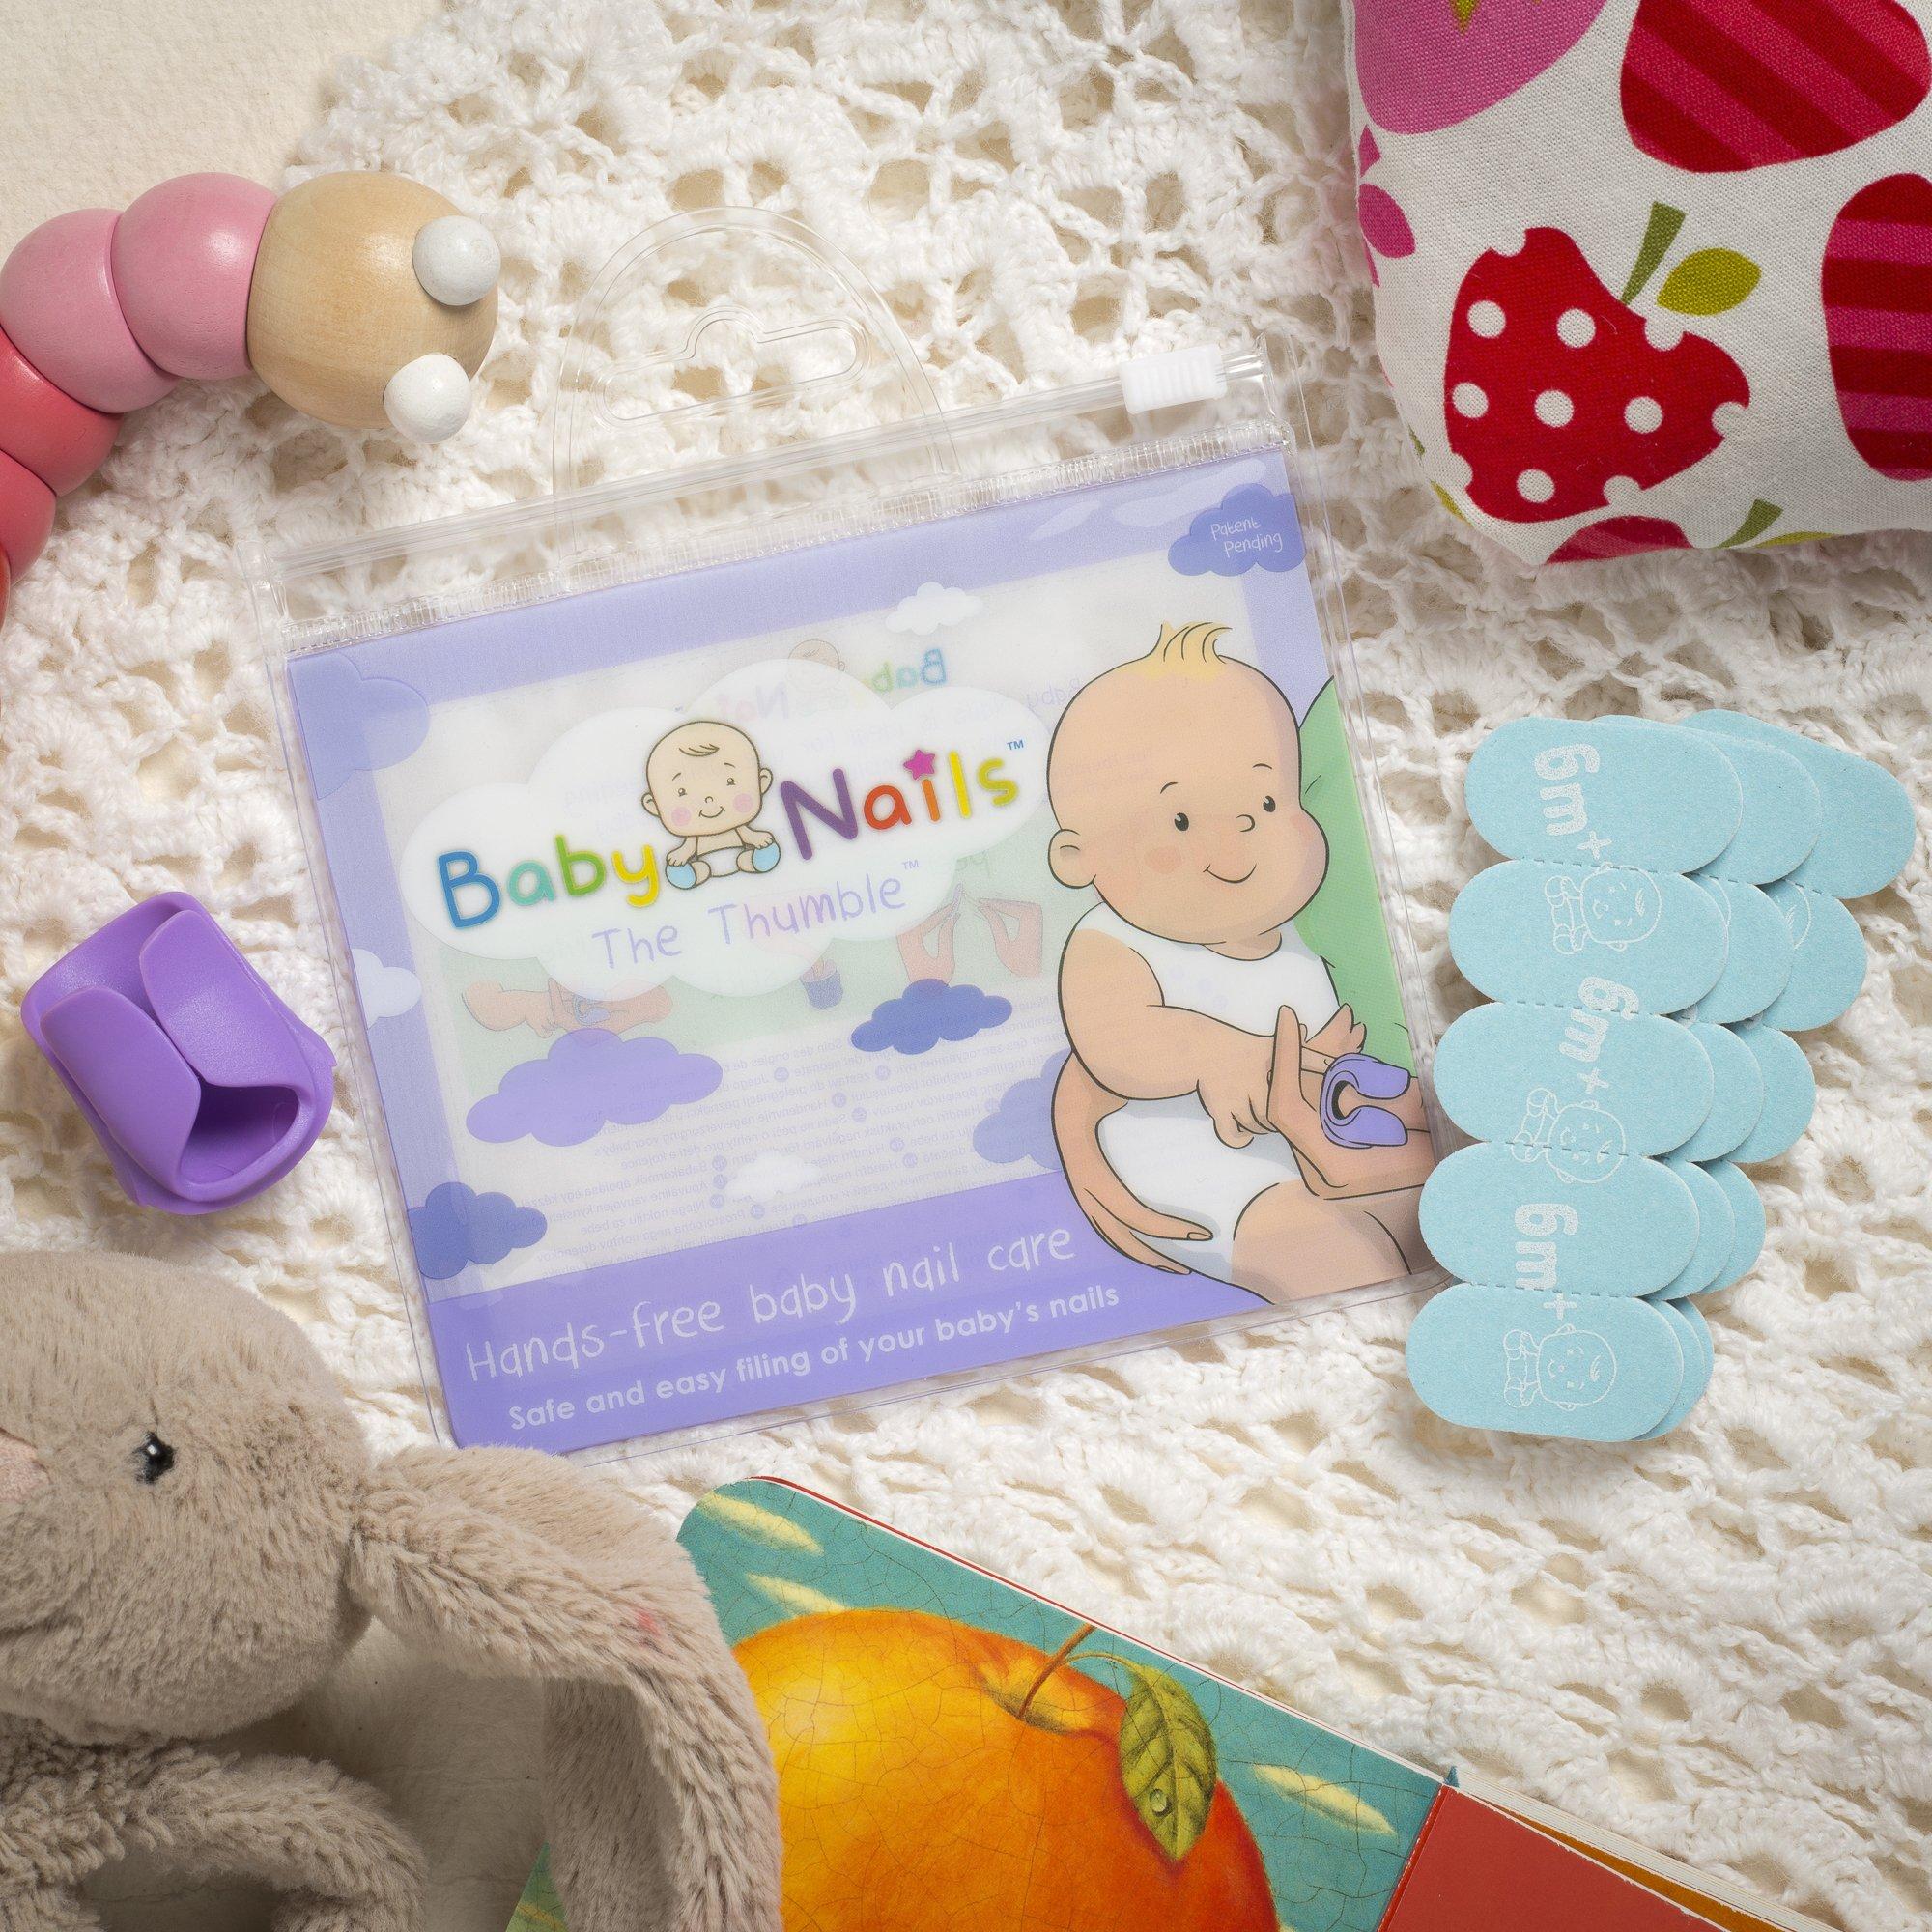 Baby Nails, la lime à ongle main-libre conçue pour bébé (six mois et +)